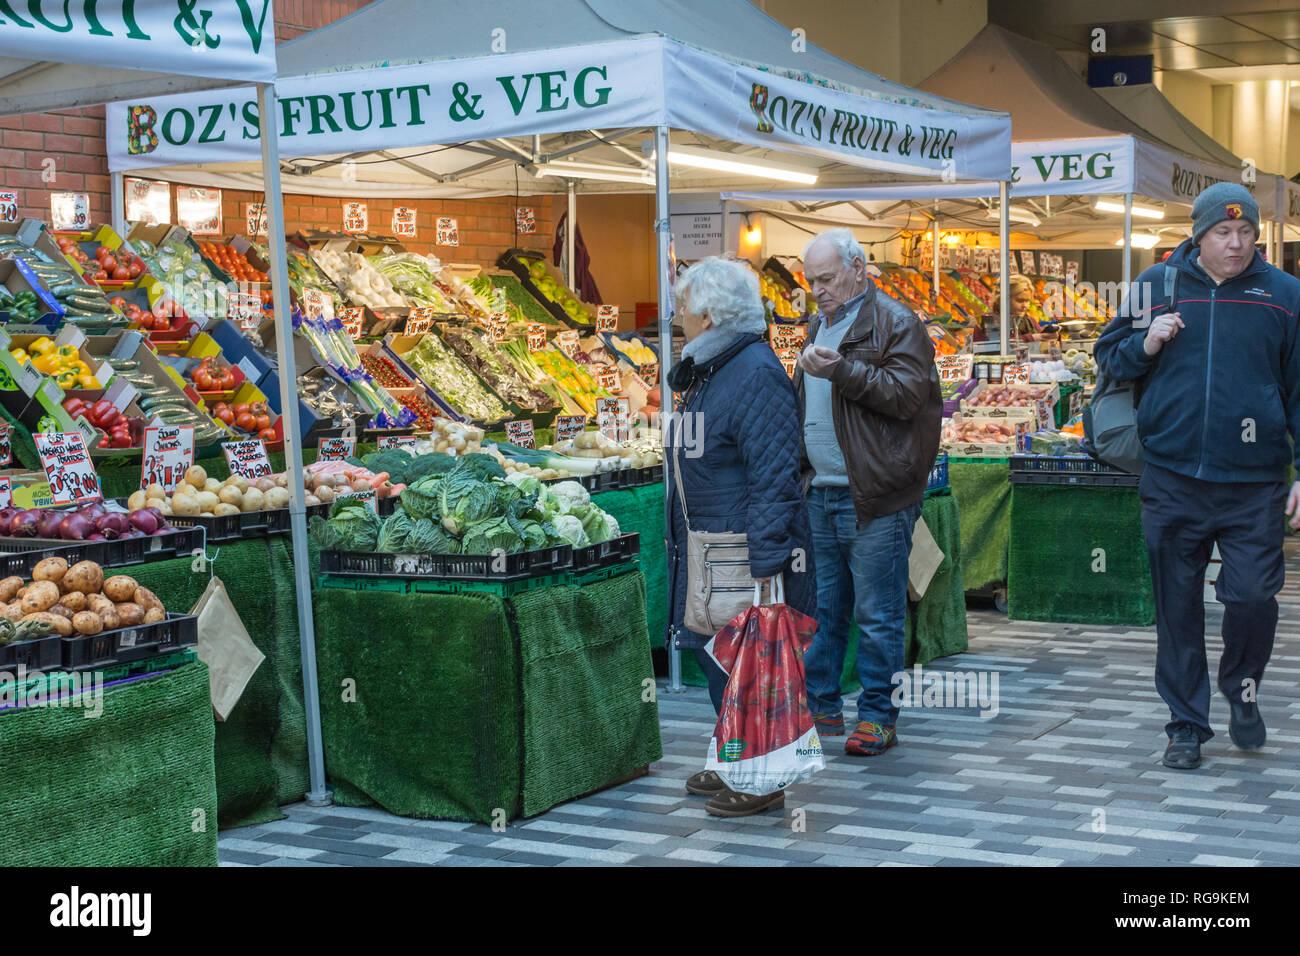 Marché de Fruits et légumes au marché de décrochage à pied dans le centre-ville de Woking, Surrey, Royaume-Uni, avec des gens pour faire du shopping. La vie quotidienne. Photo Stock